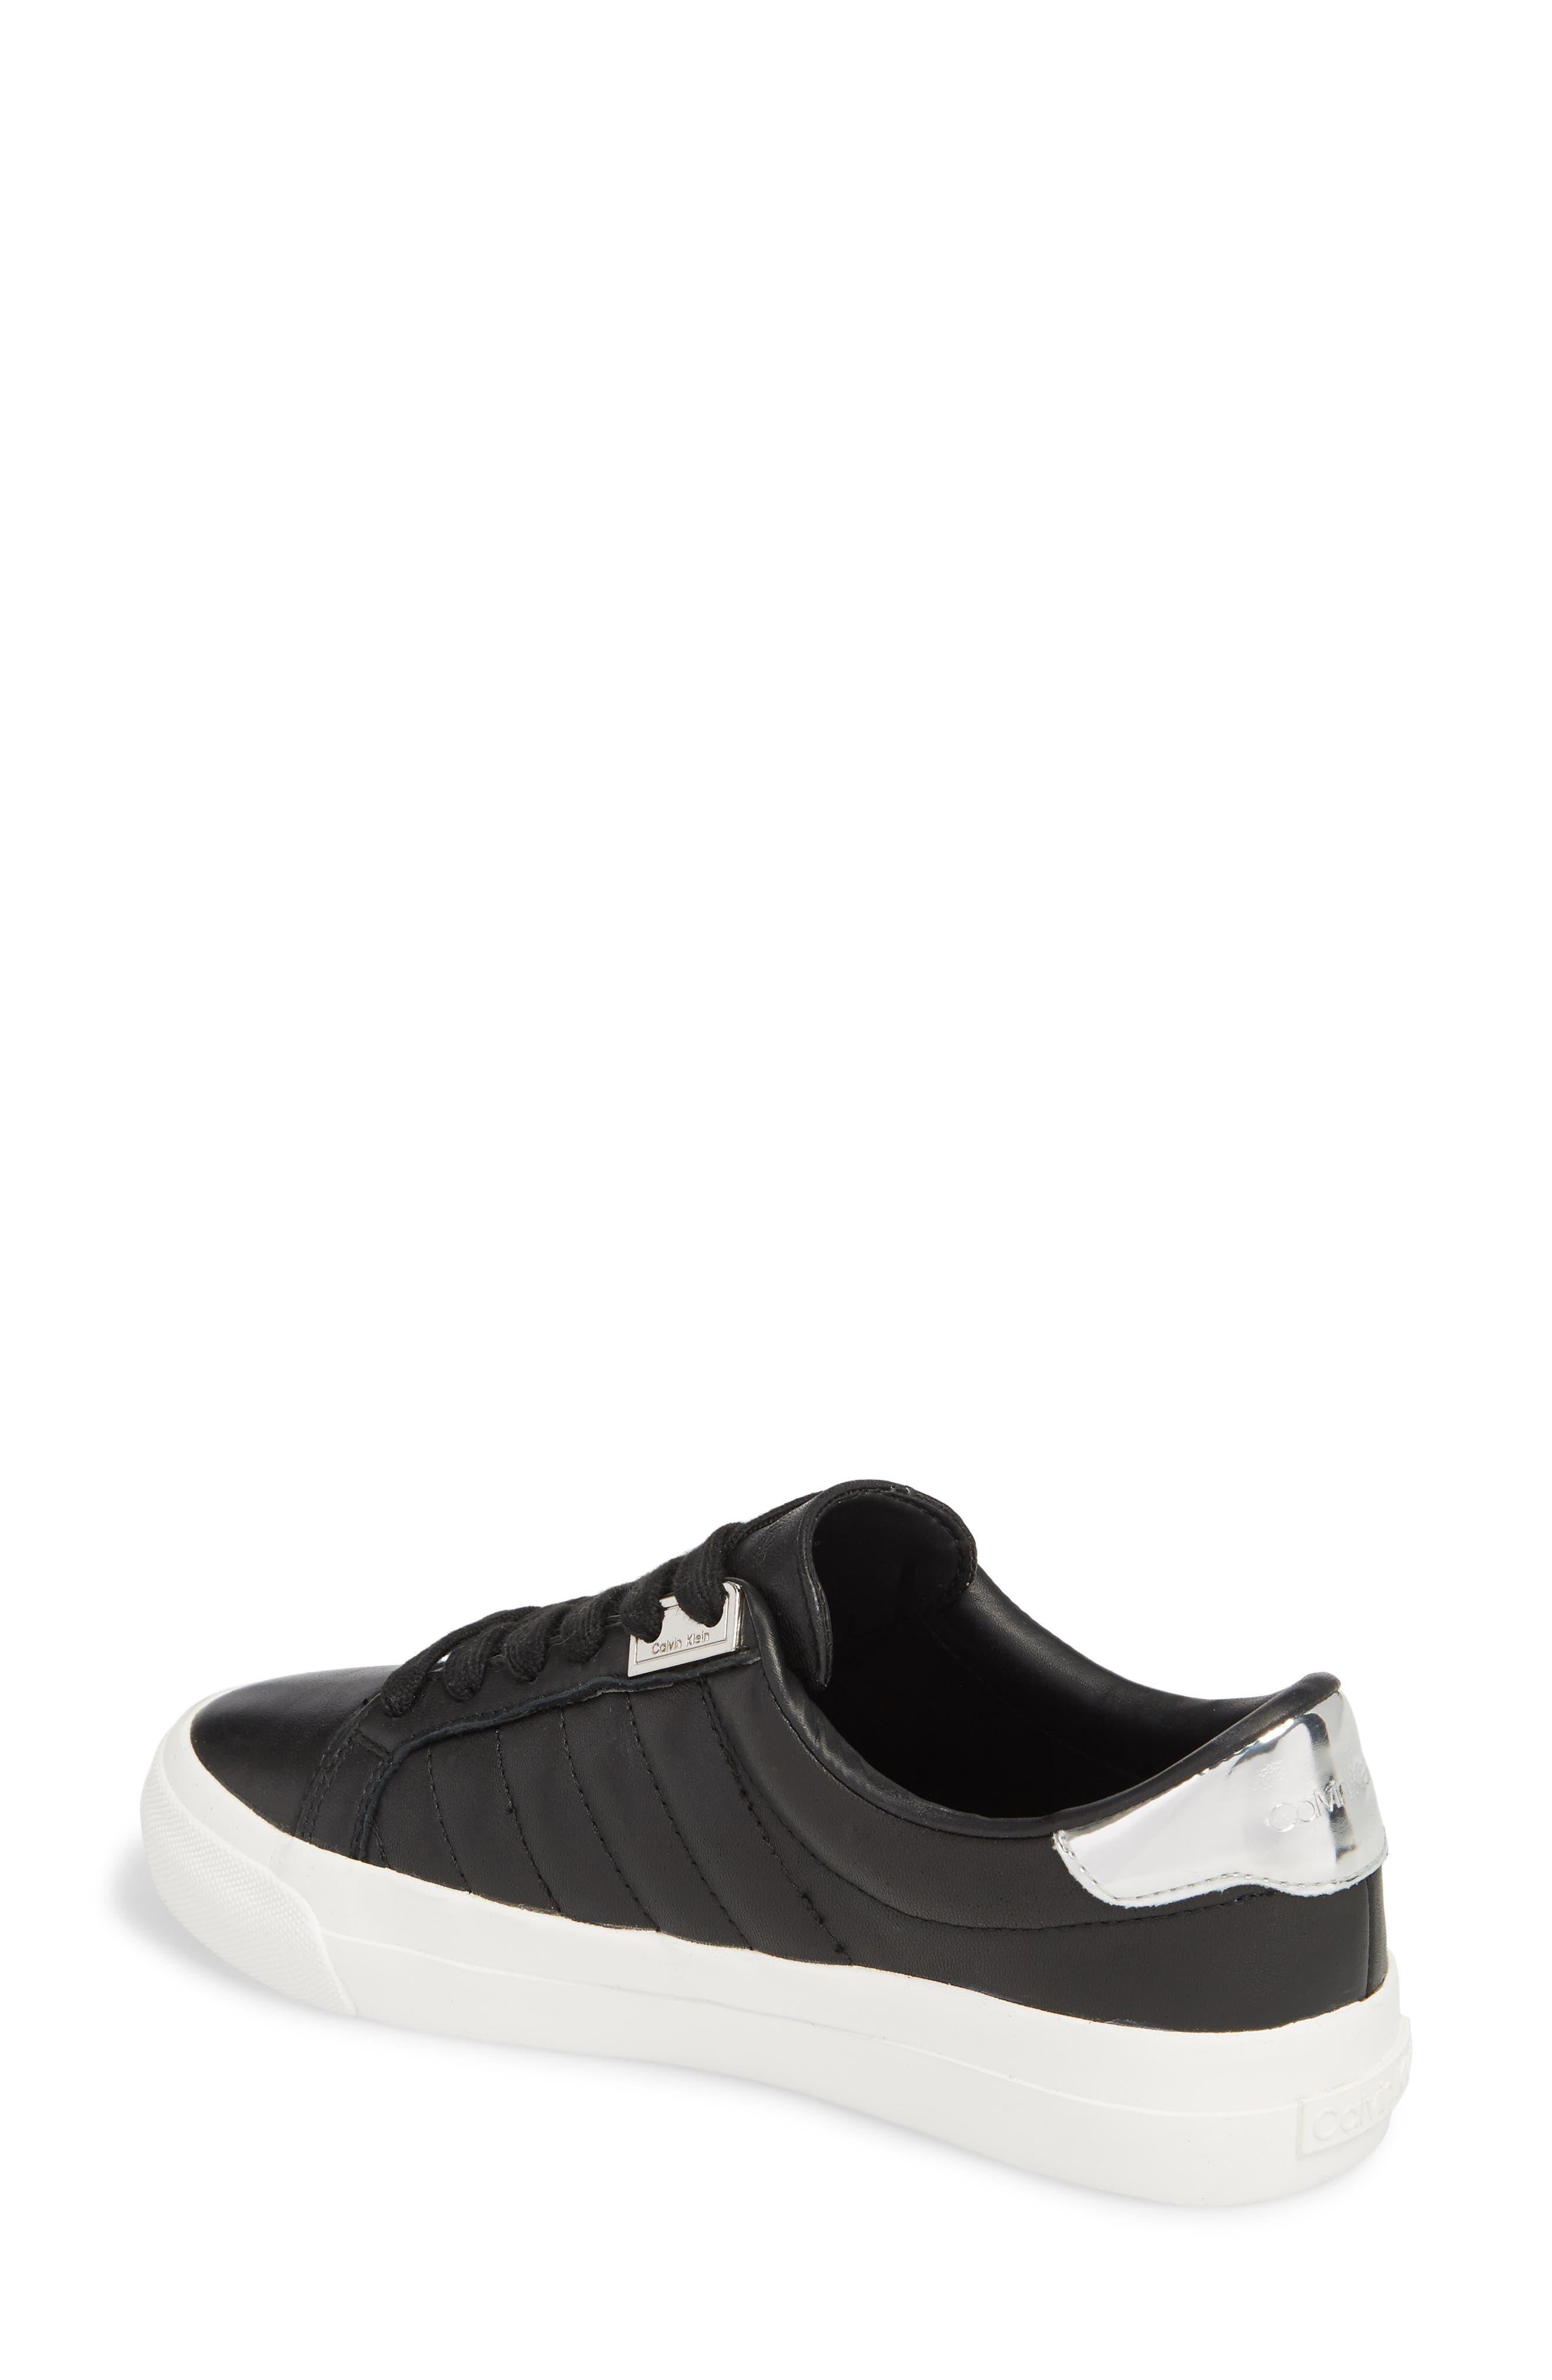 Vance Sneaker,                             Alternate thumbnail 2, color,                             001